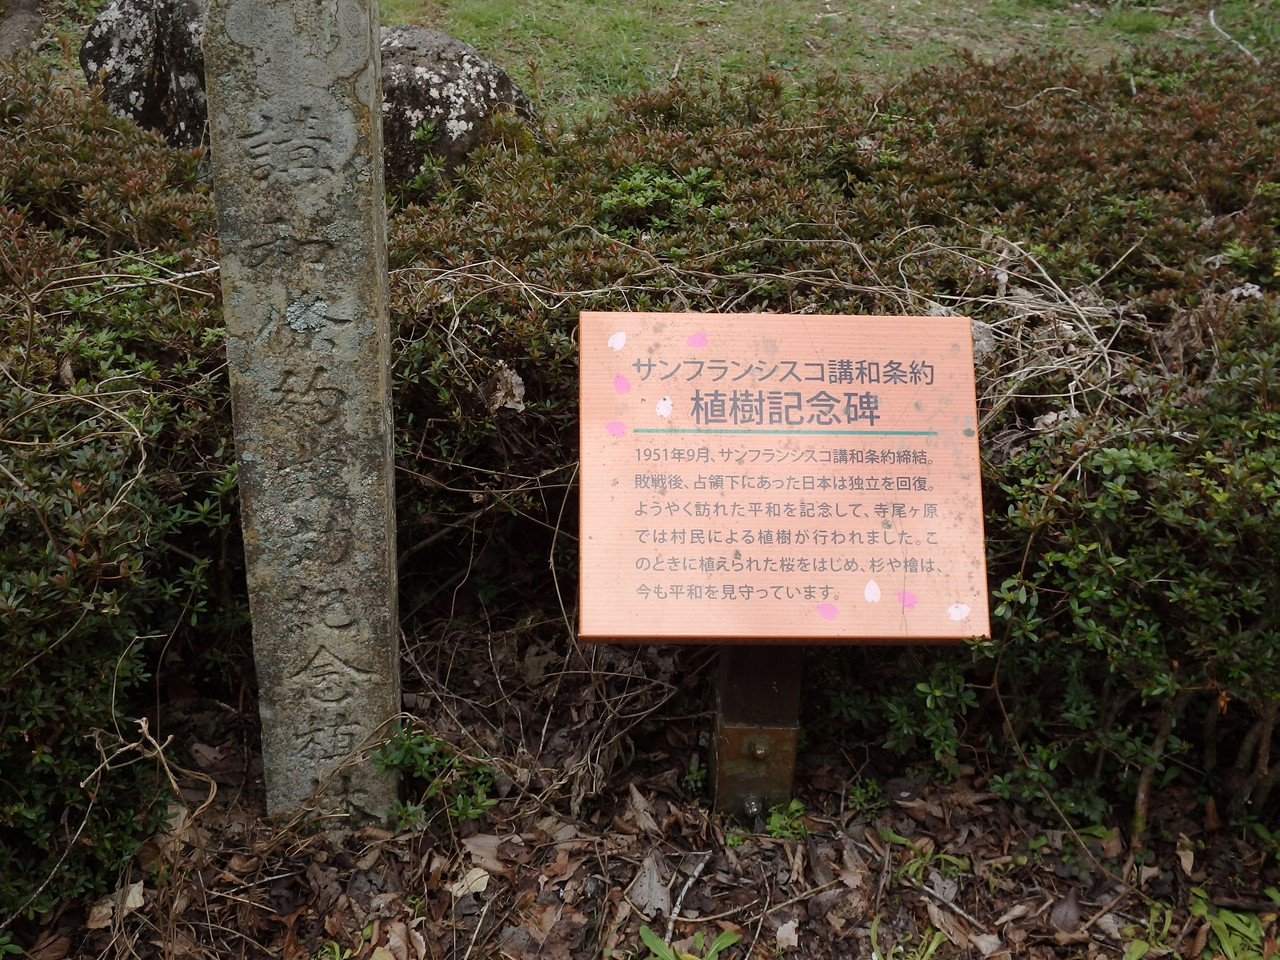 『寺尾ヶ原千本桜公園を歩いて』_d0054276_2104217.jpg